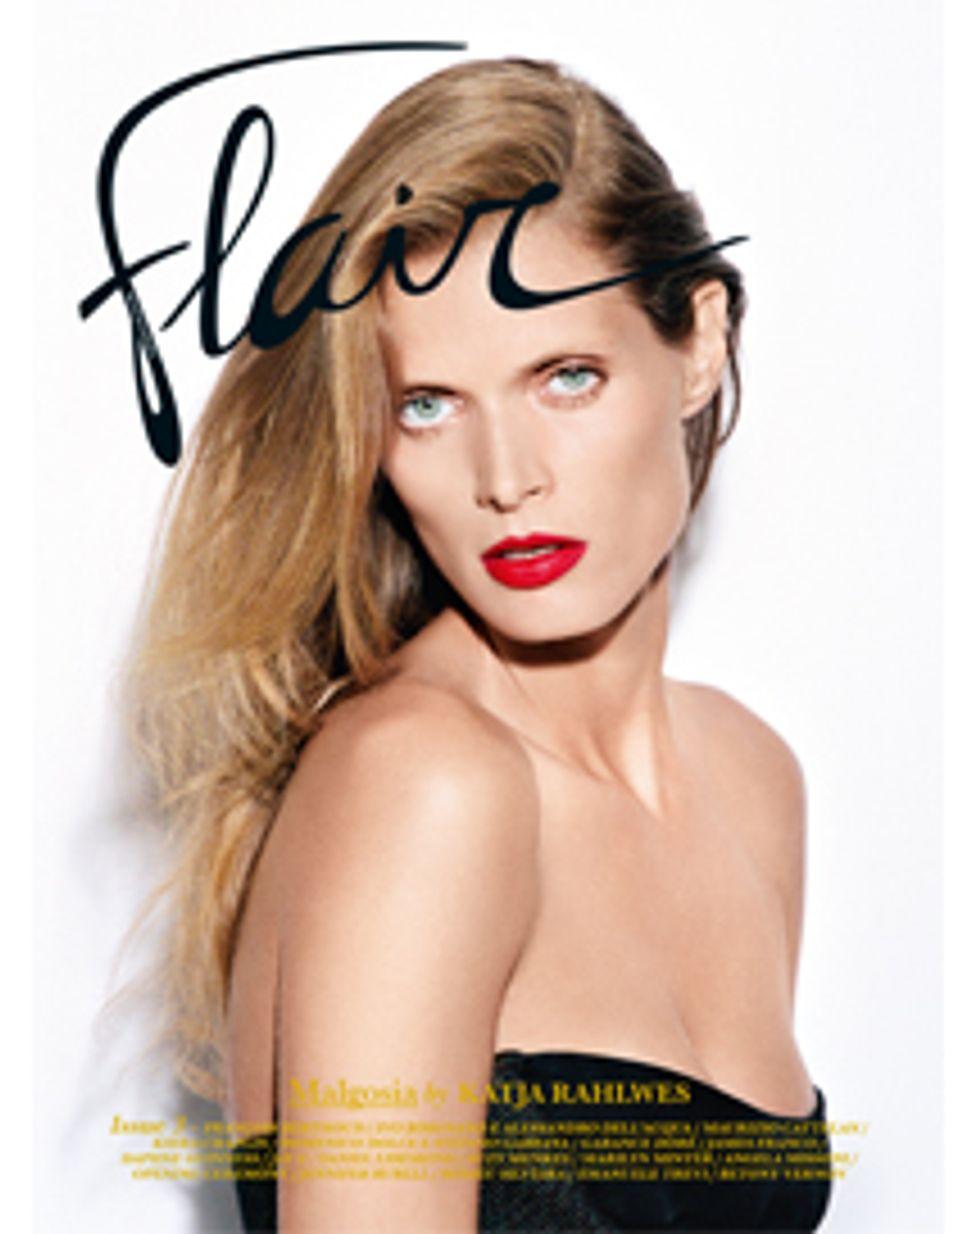 Flair, nel numero di novembre il lusso raccontato attraverso moda, musica e personaggi. Leggilo Online